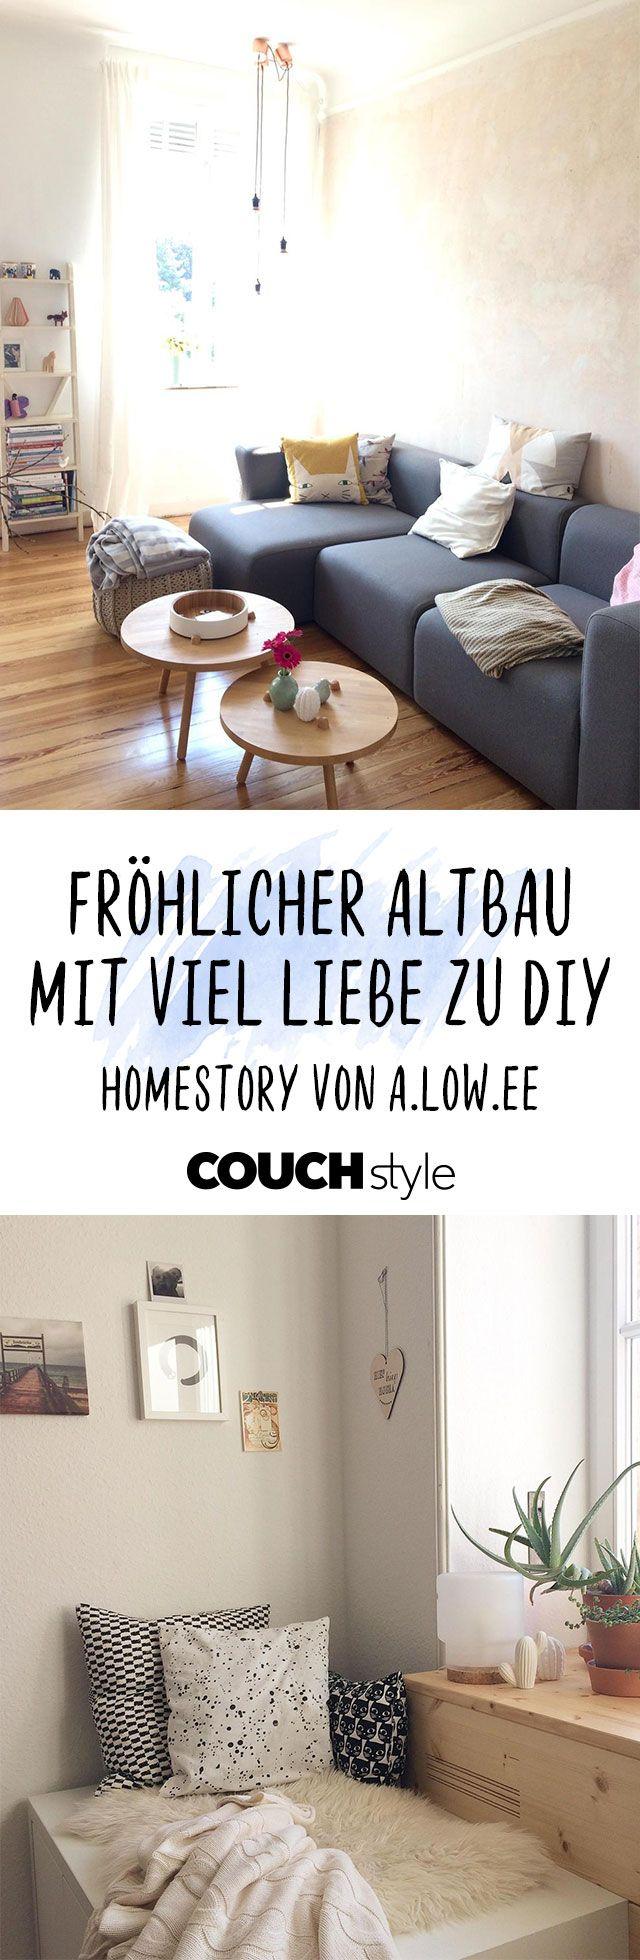 Willkommen zu hause design bilder fröhliche altbauwohnung mit viel liebe zu diy in   homestorys